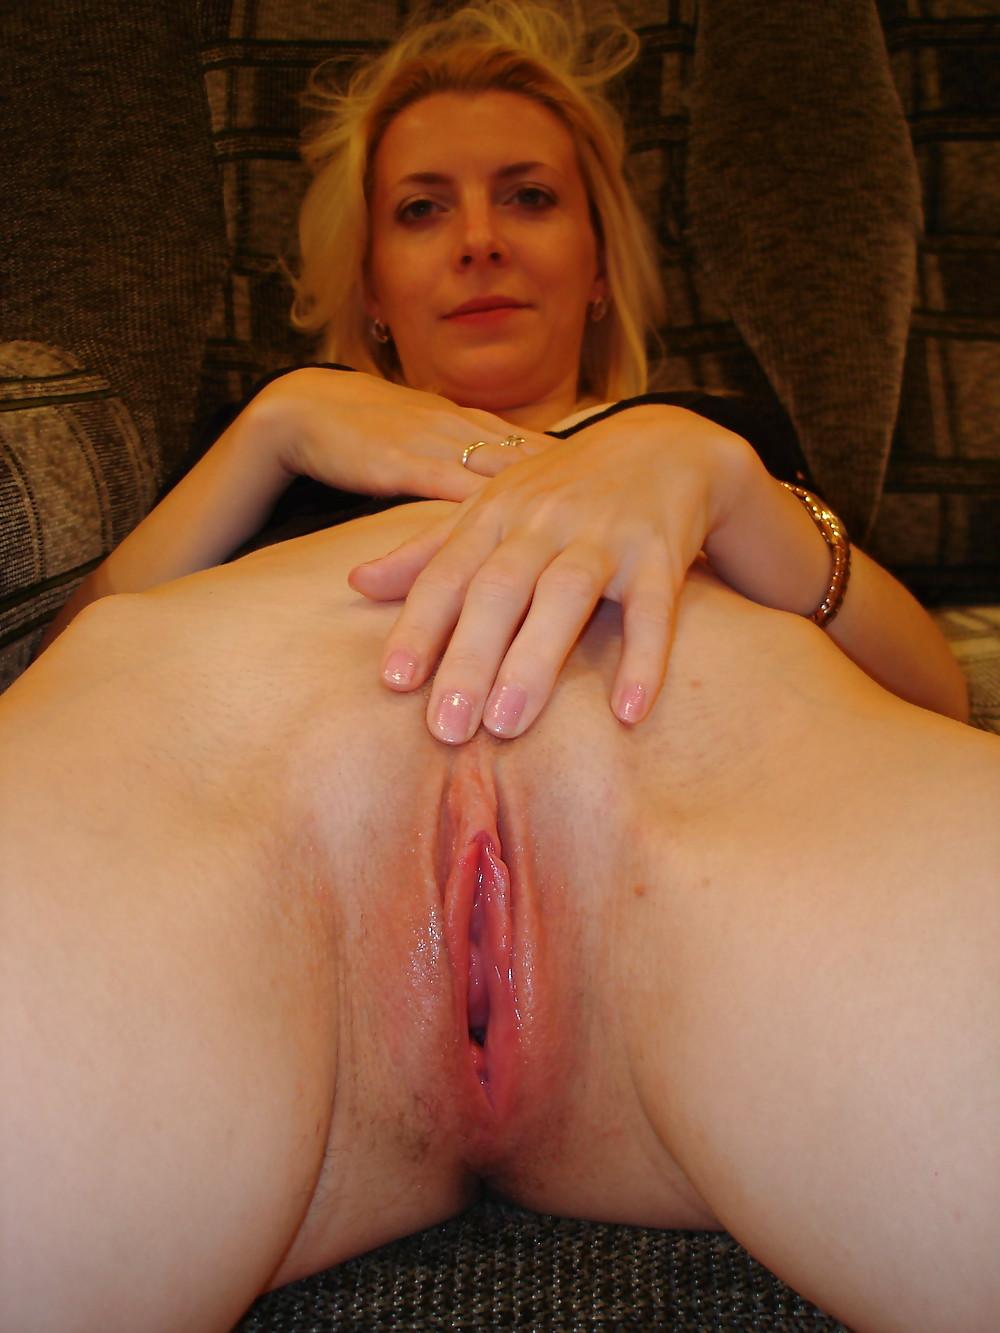 женские раздолбанные пизды фото порно